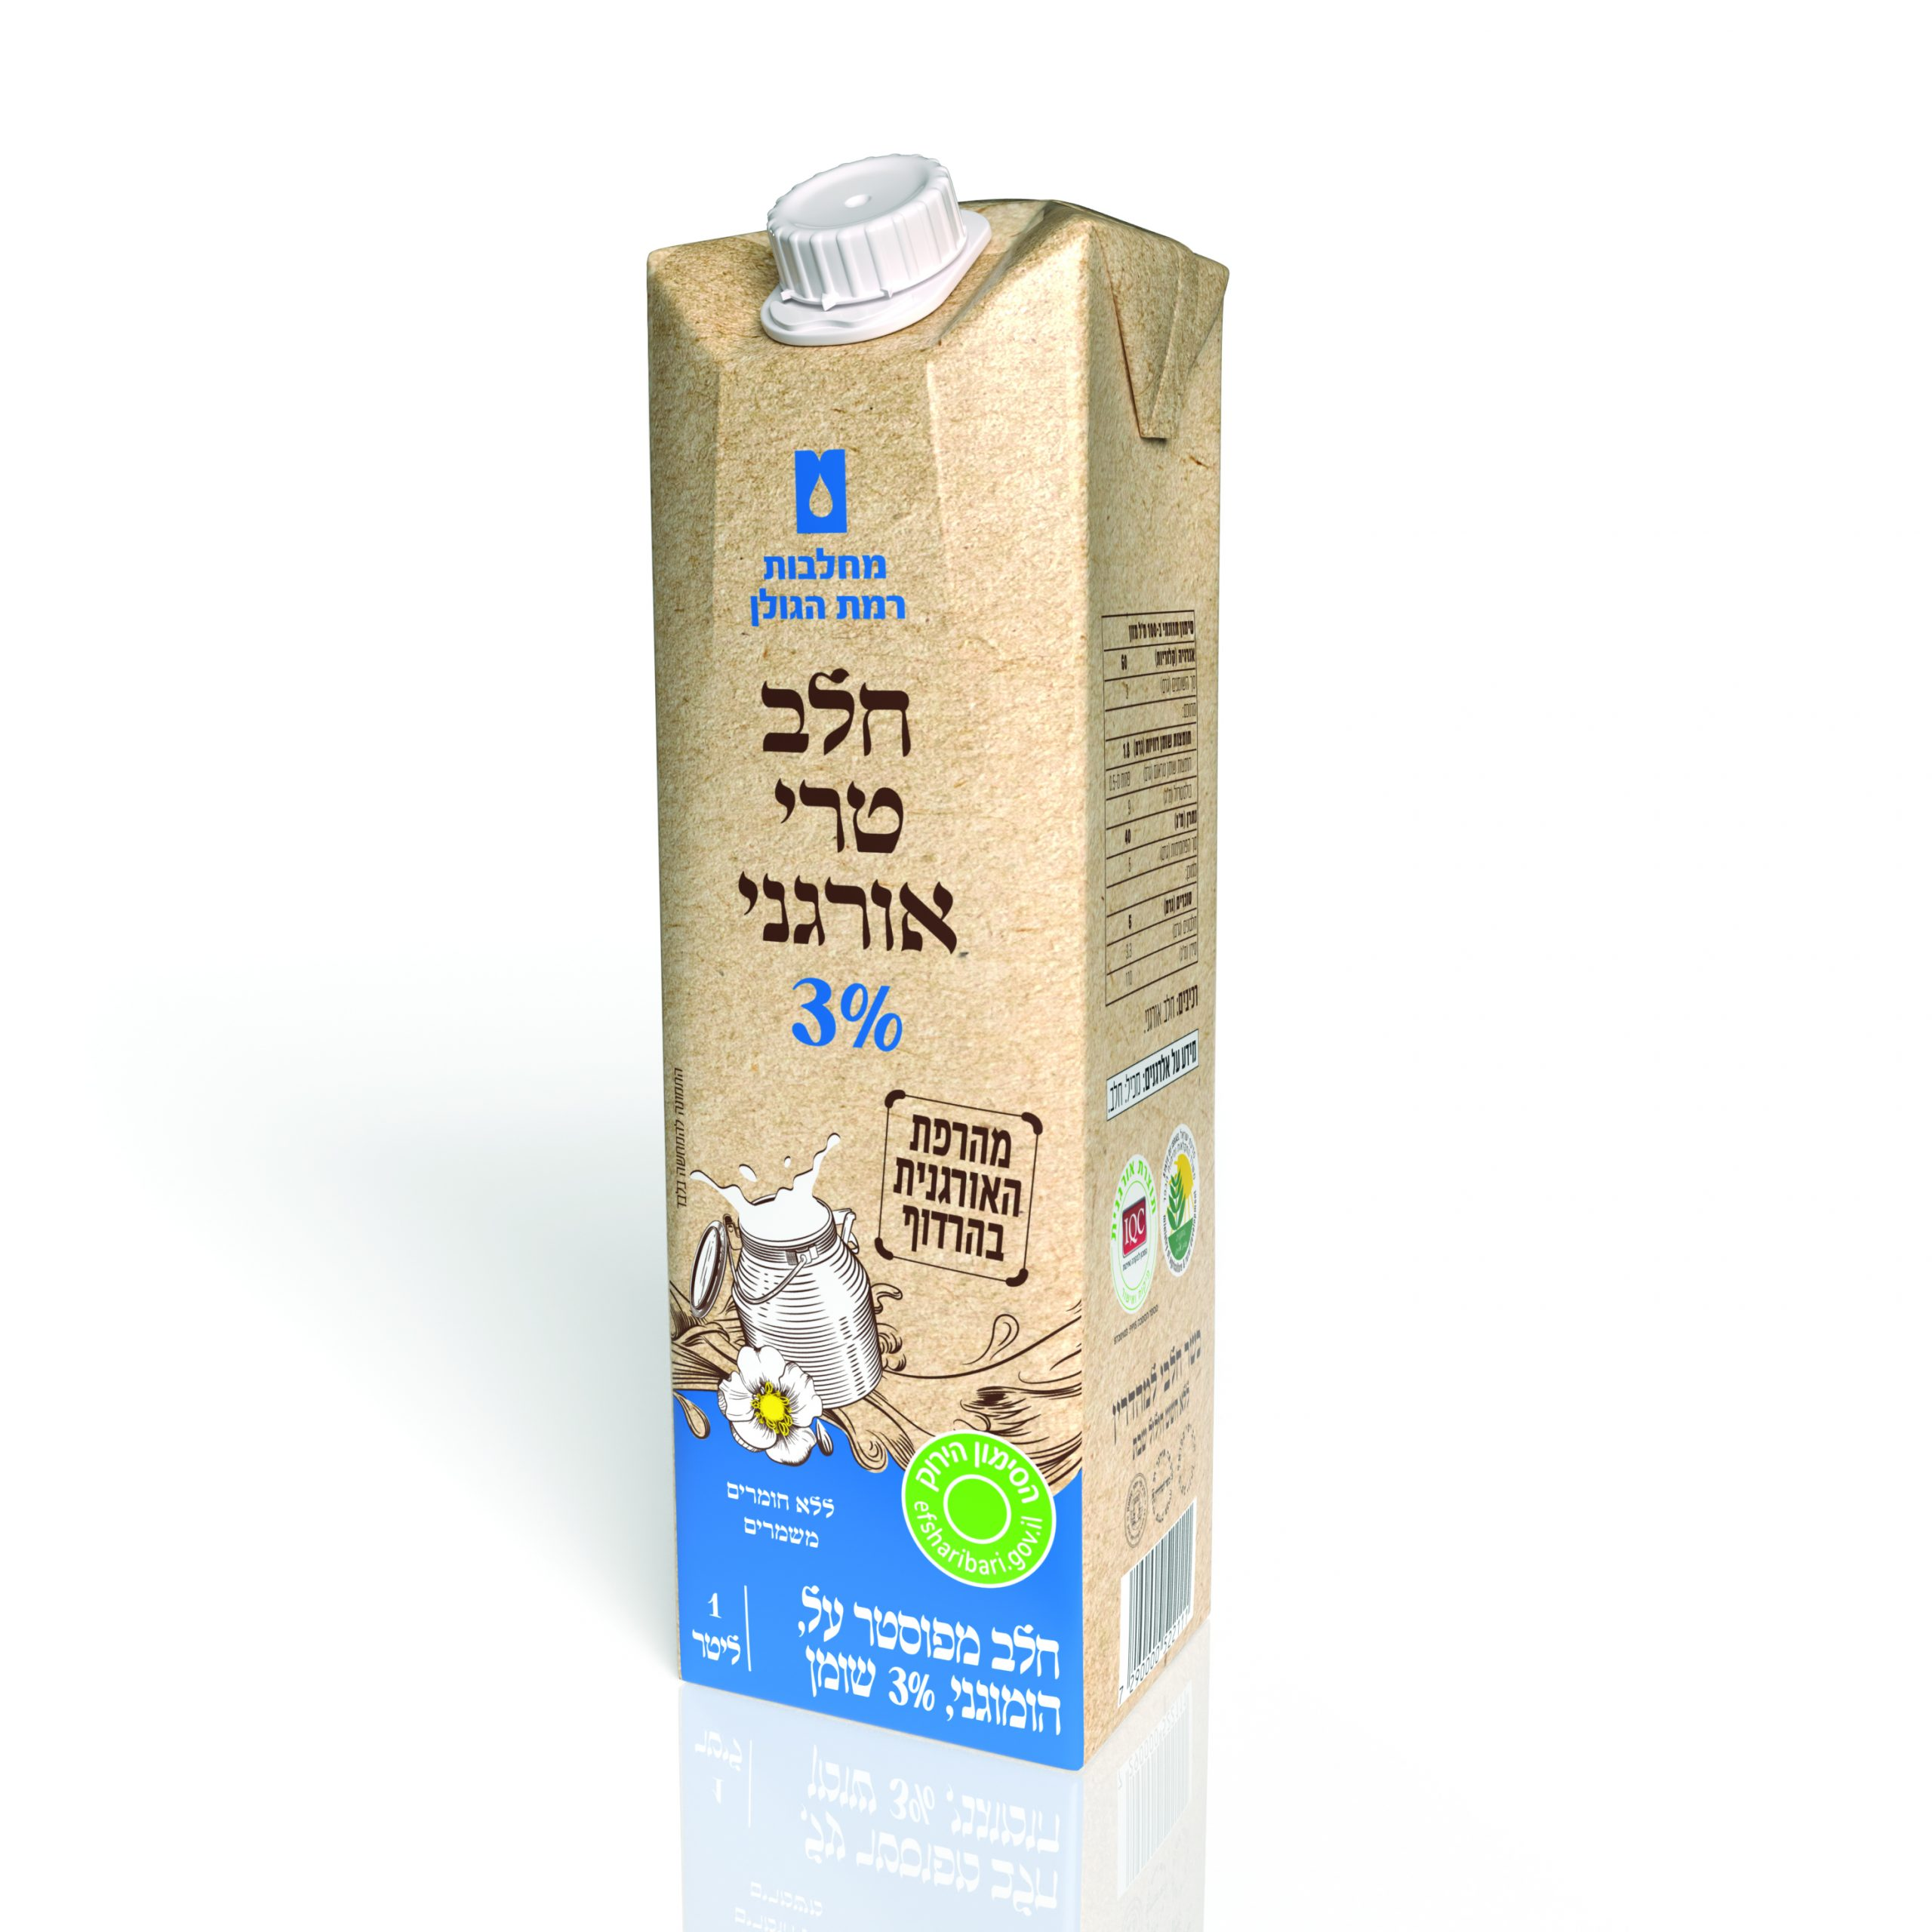 חלב טרי אורגני 3% - 1 ליטר